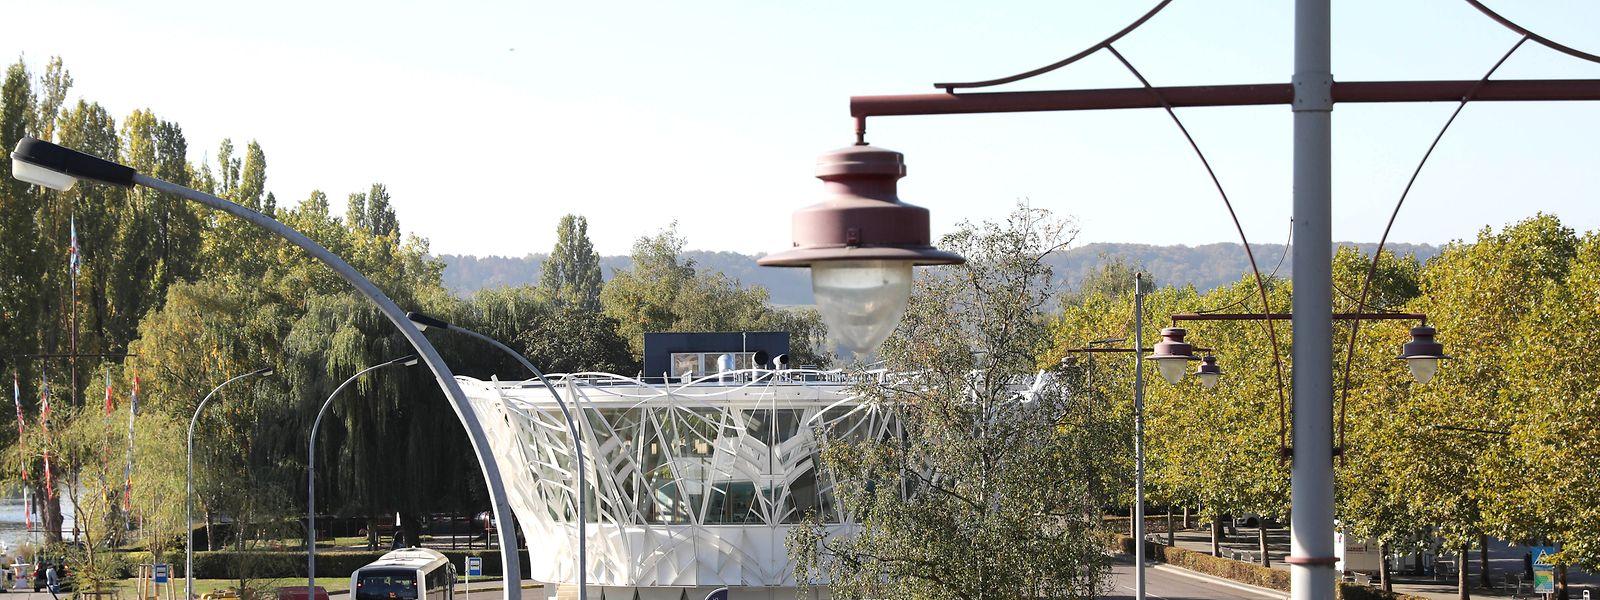 Vom Centre Visit Remich fahren die Busse in Richtung Luxemburg-Stadt und in die Nachbargemeinden. Oft stehen sie schon hundert Meter weiter im Stau.